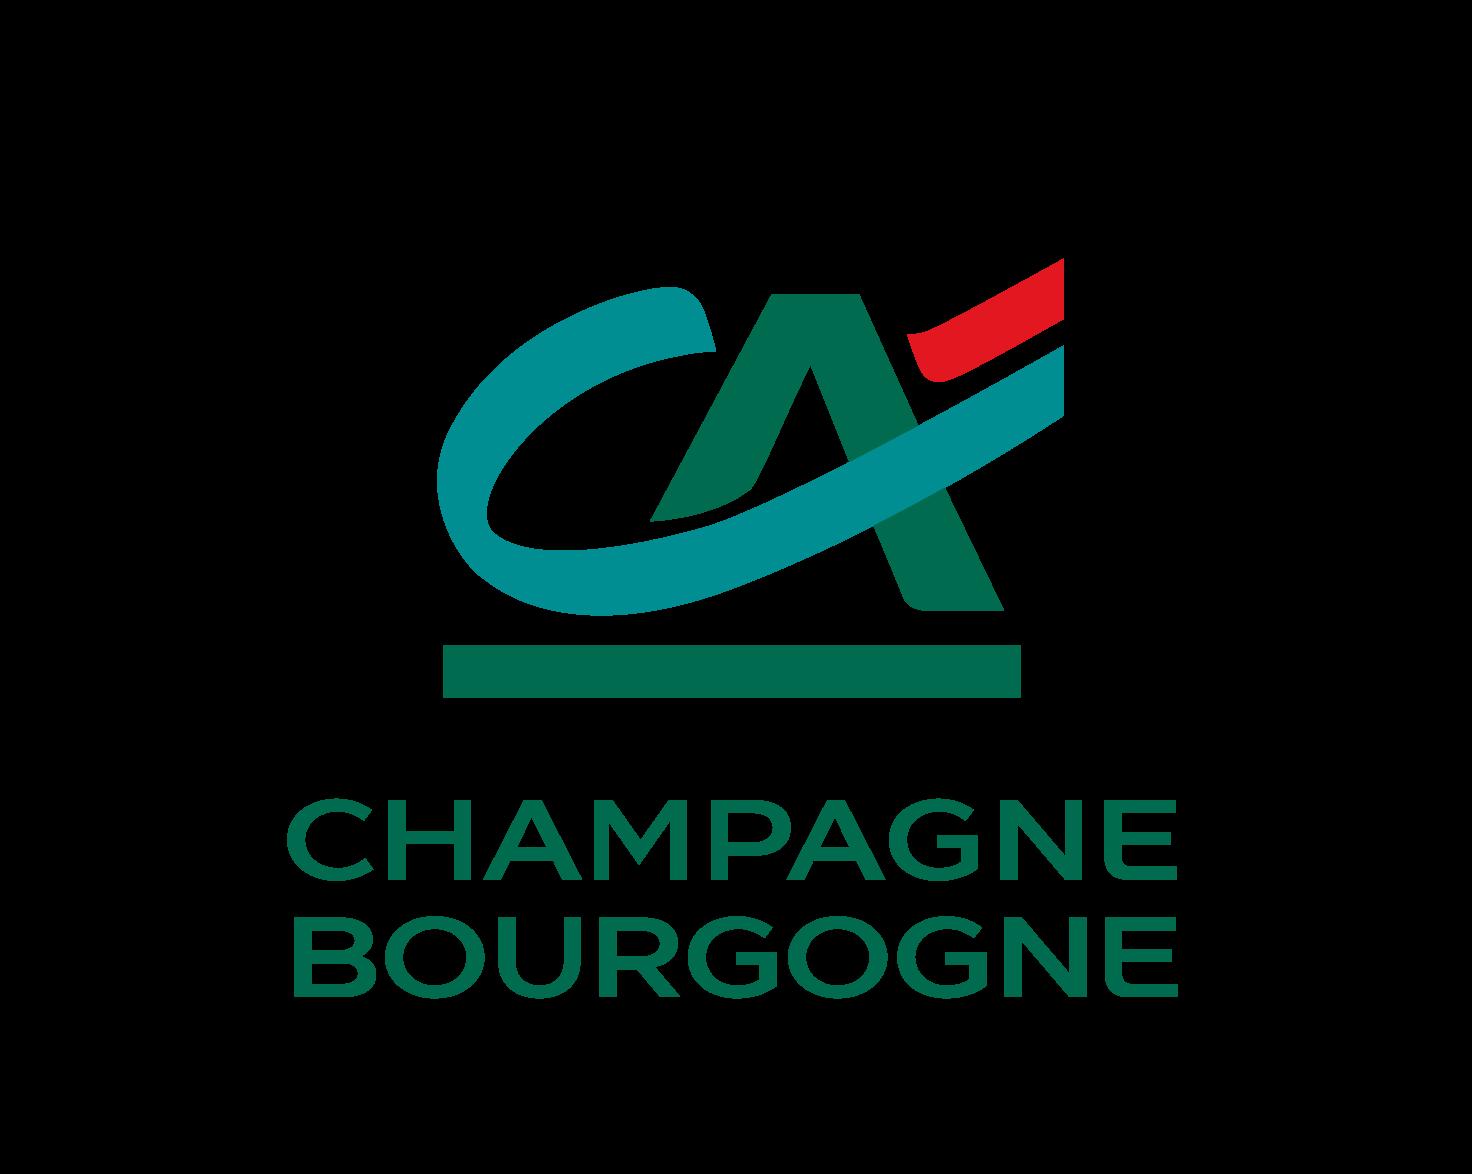 région du Champagne et de la Bourgogne